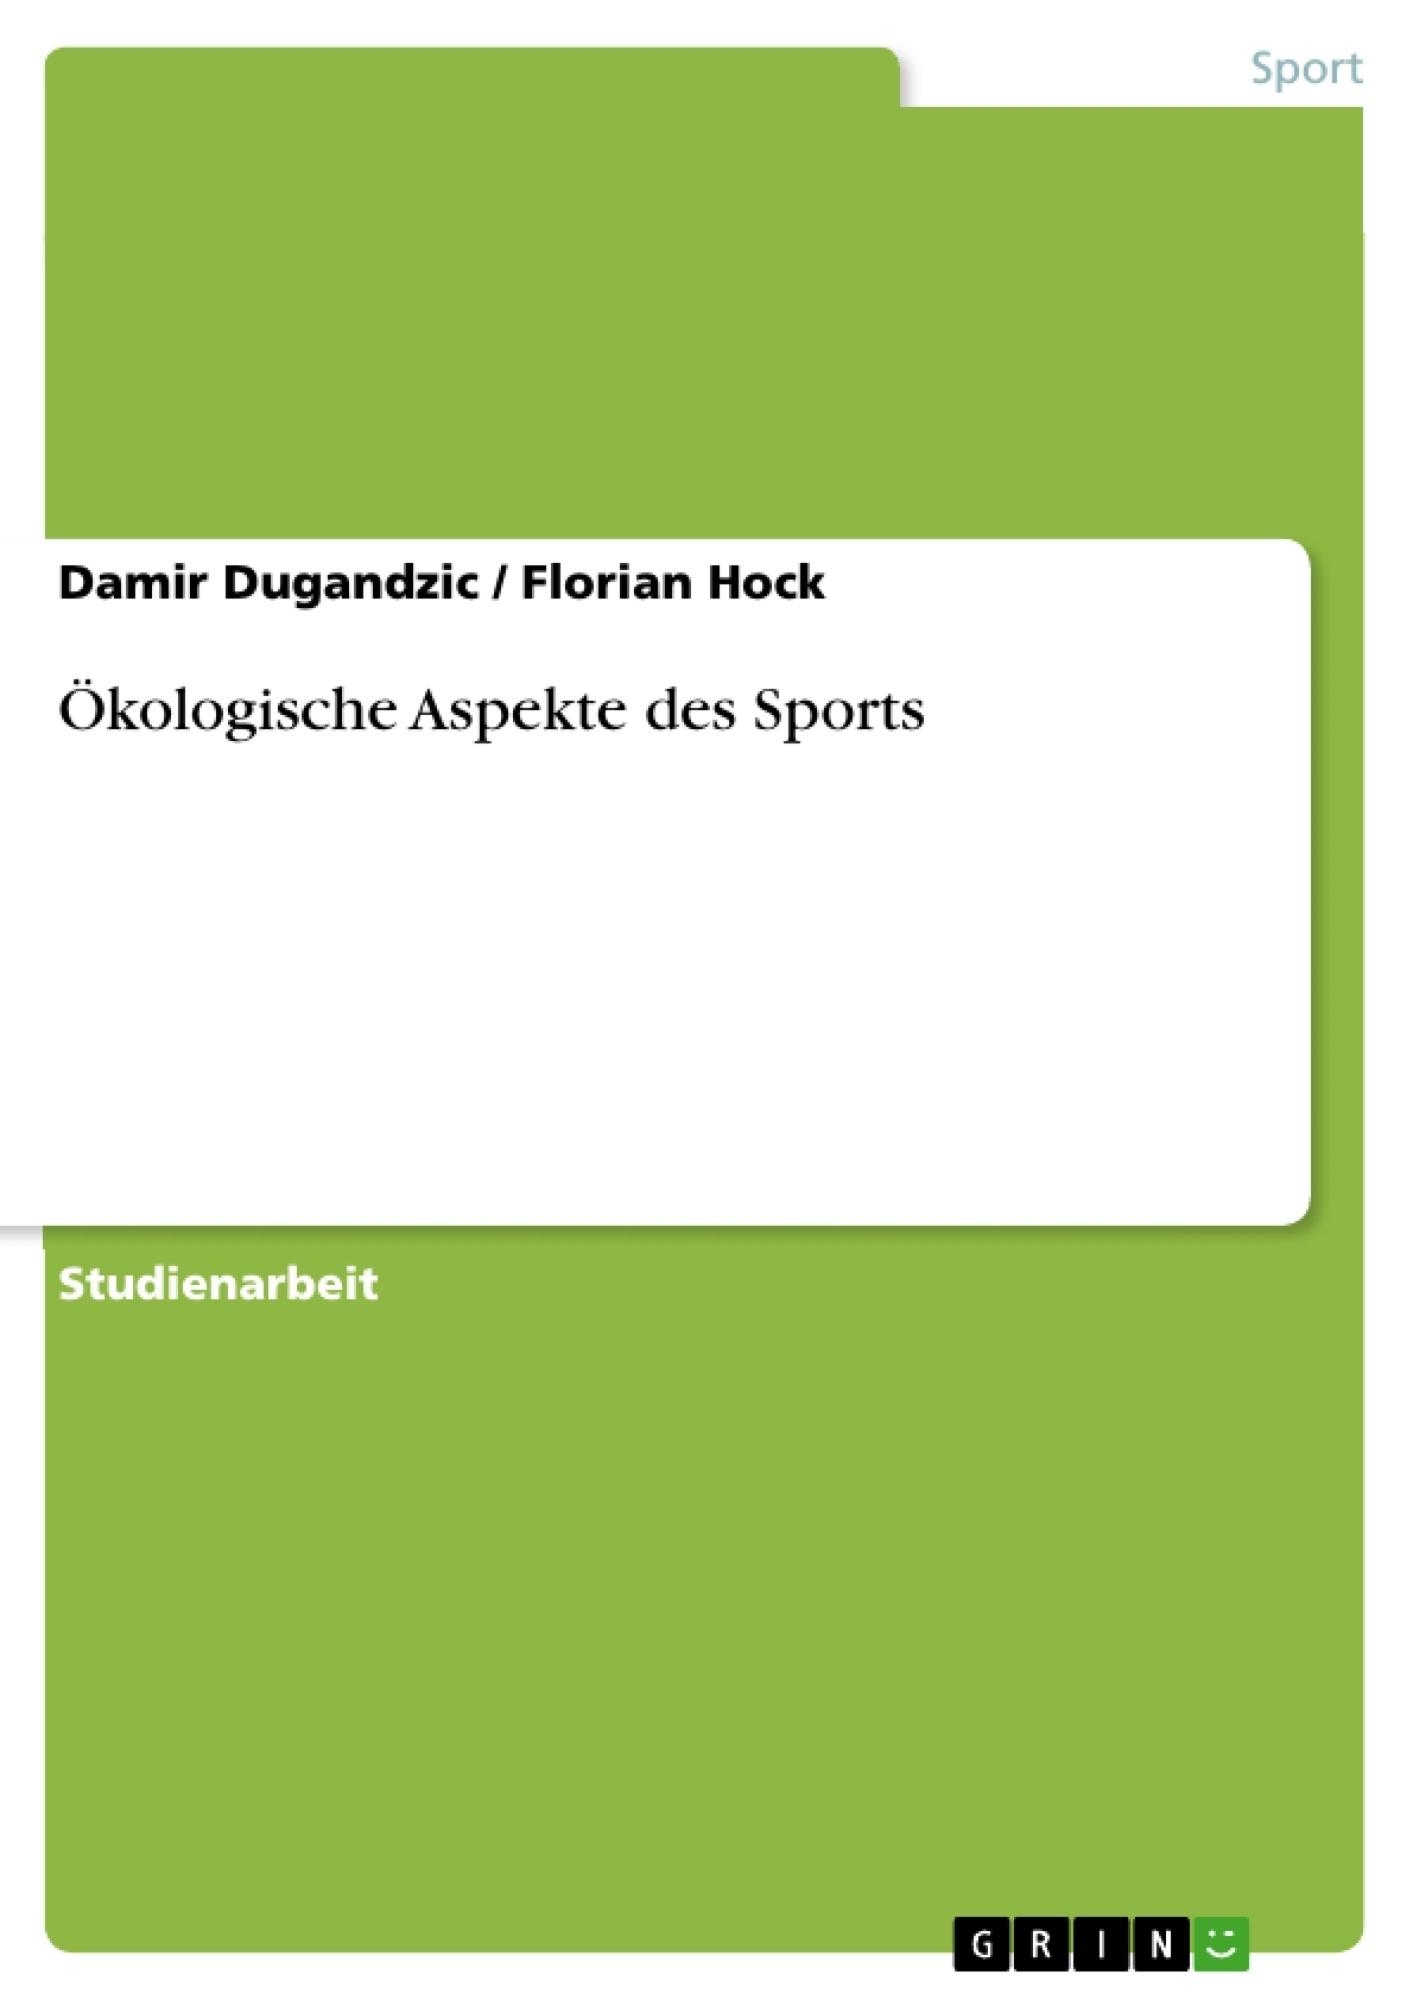 Titel: Ökologische Aspekte des Sports